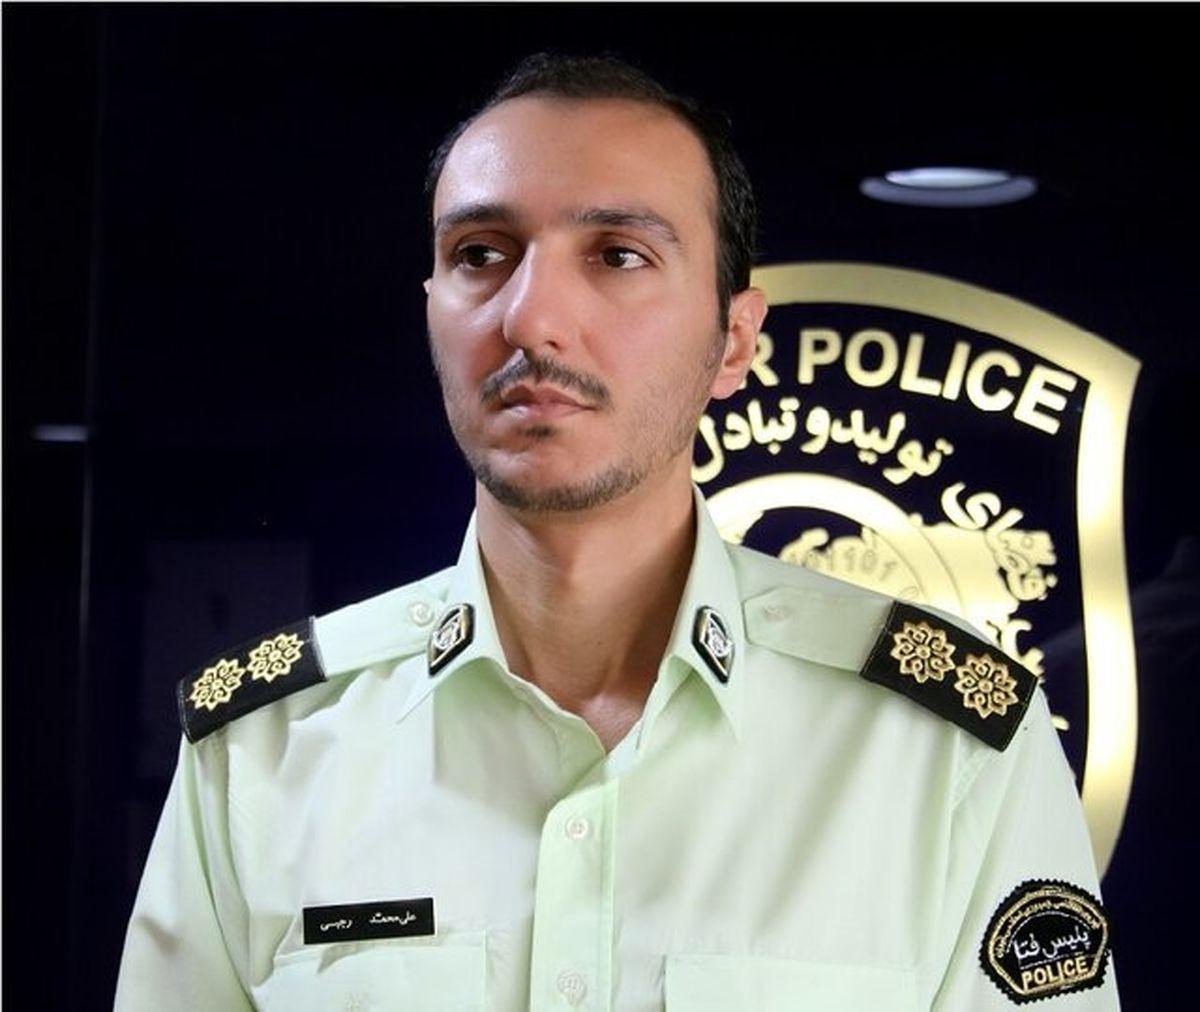 هشدار پلیس در مورد لینکهای دردسرساز